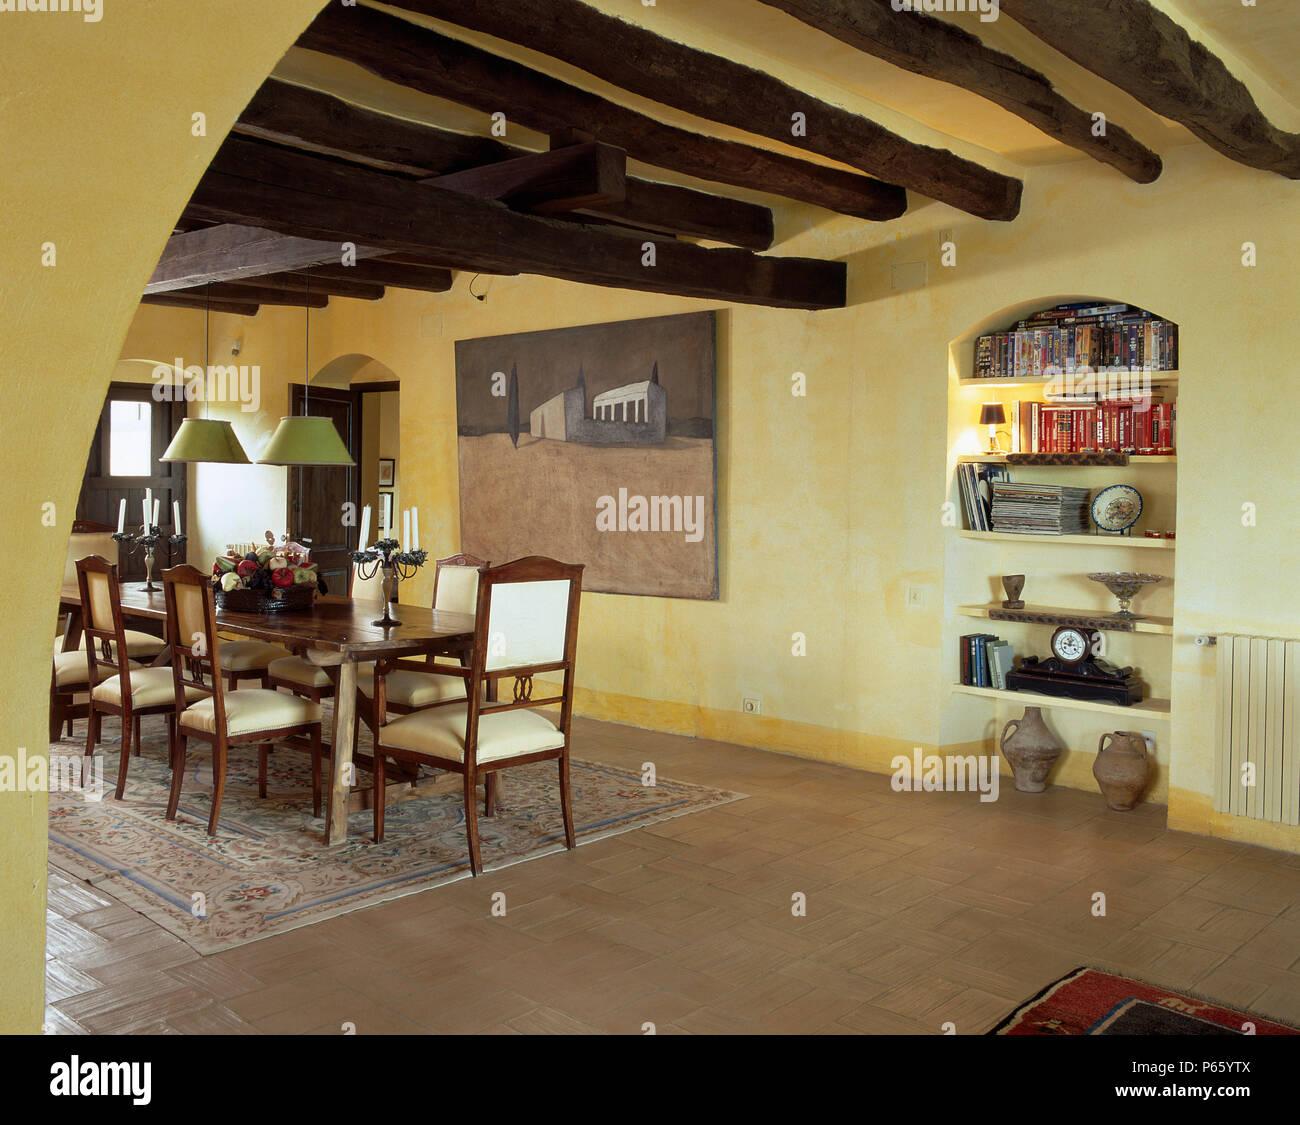 Soffitto Travi A Vista vista di una sala da pranzo con travi di legno sul soffitto